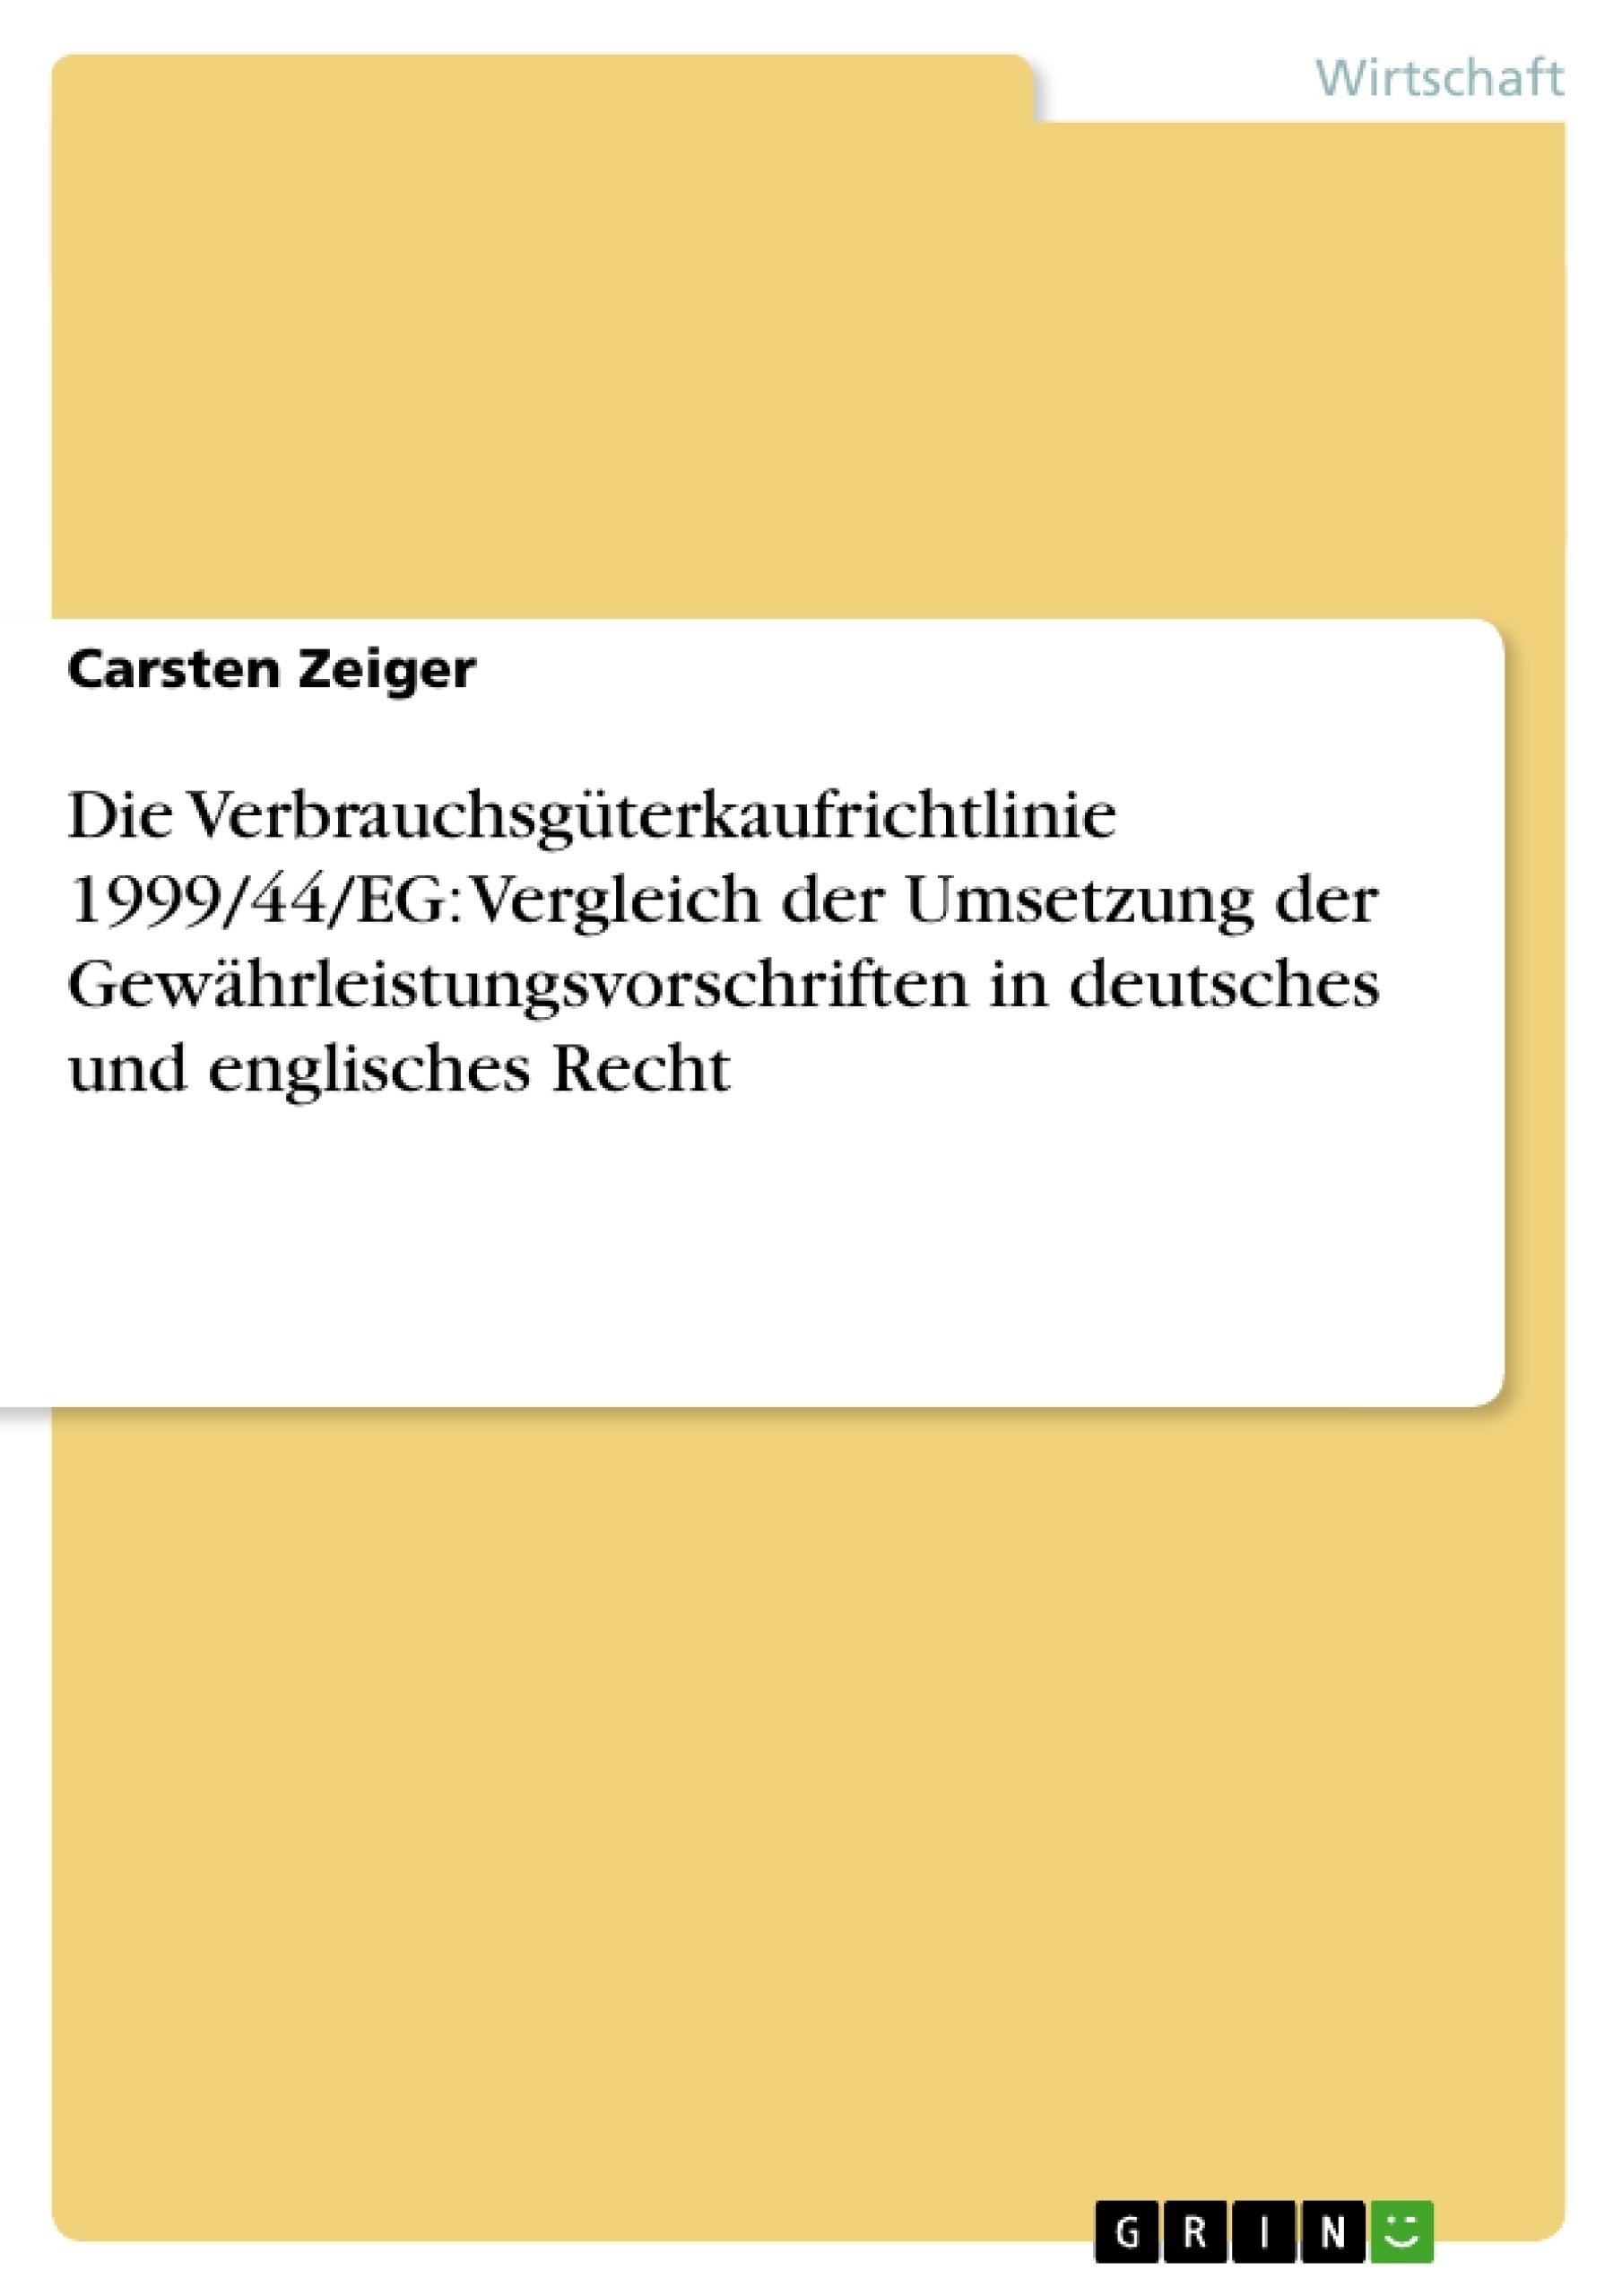 Titel: Die Verbrauchsgüterkaufrichtlinie 1999/44/EG: Vergleich der Umsetzung der Gewährleistungsvorschriften in deutsches und englisches Recht